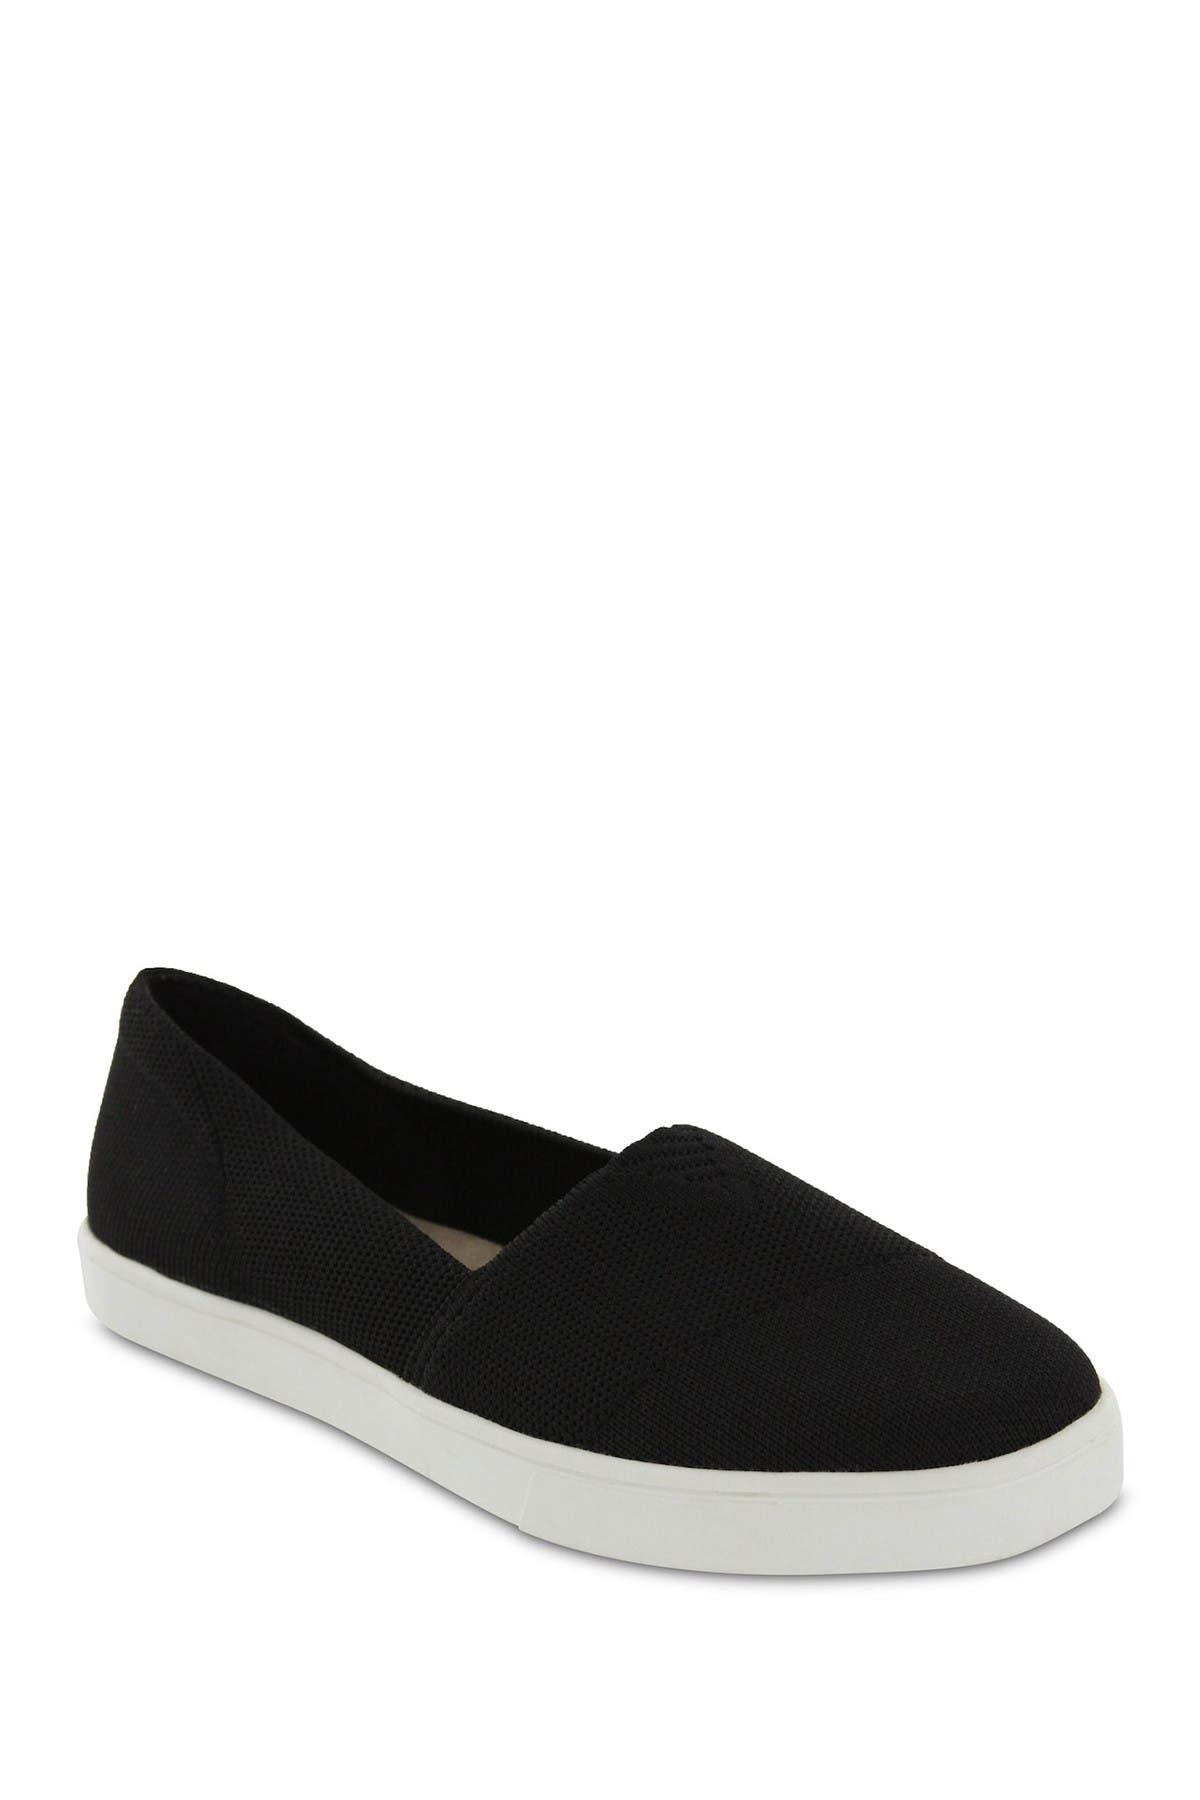 Image of MIA AMORE Marcello Slip-On Sneaker